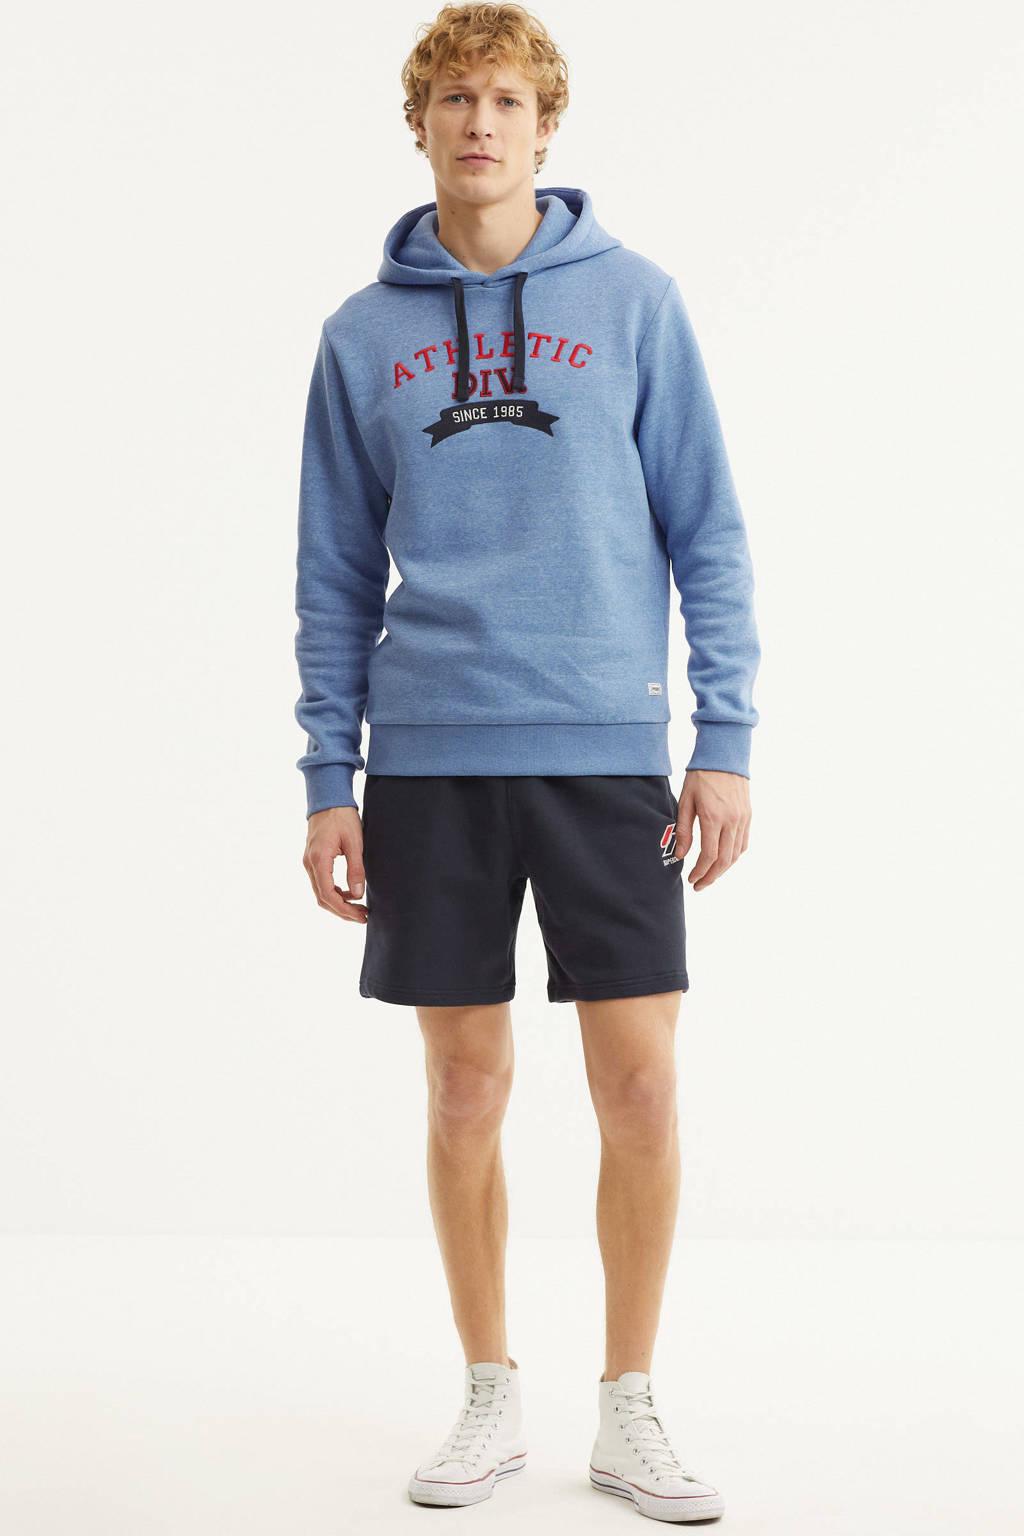 PRODUKT hoodie College met printopdruk lichtblauw, Lichtblauw